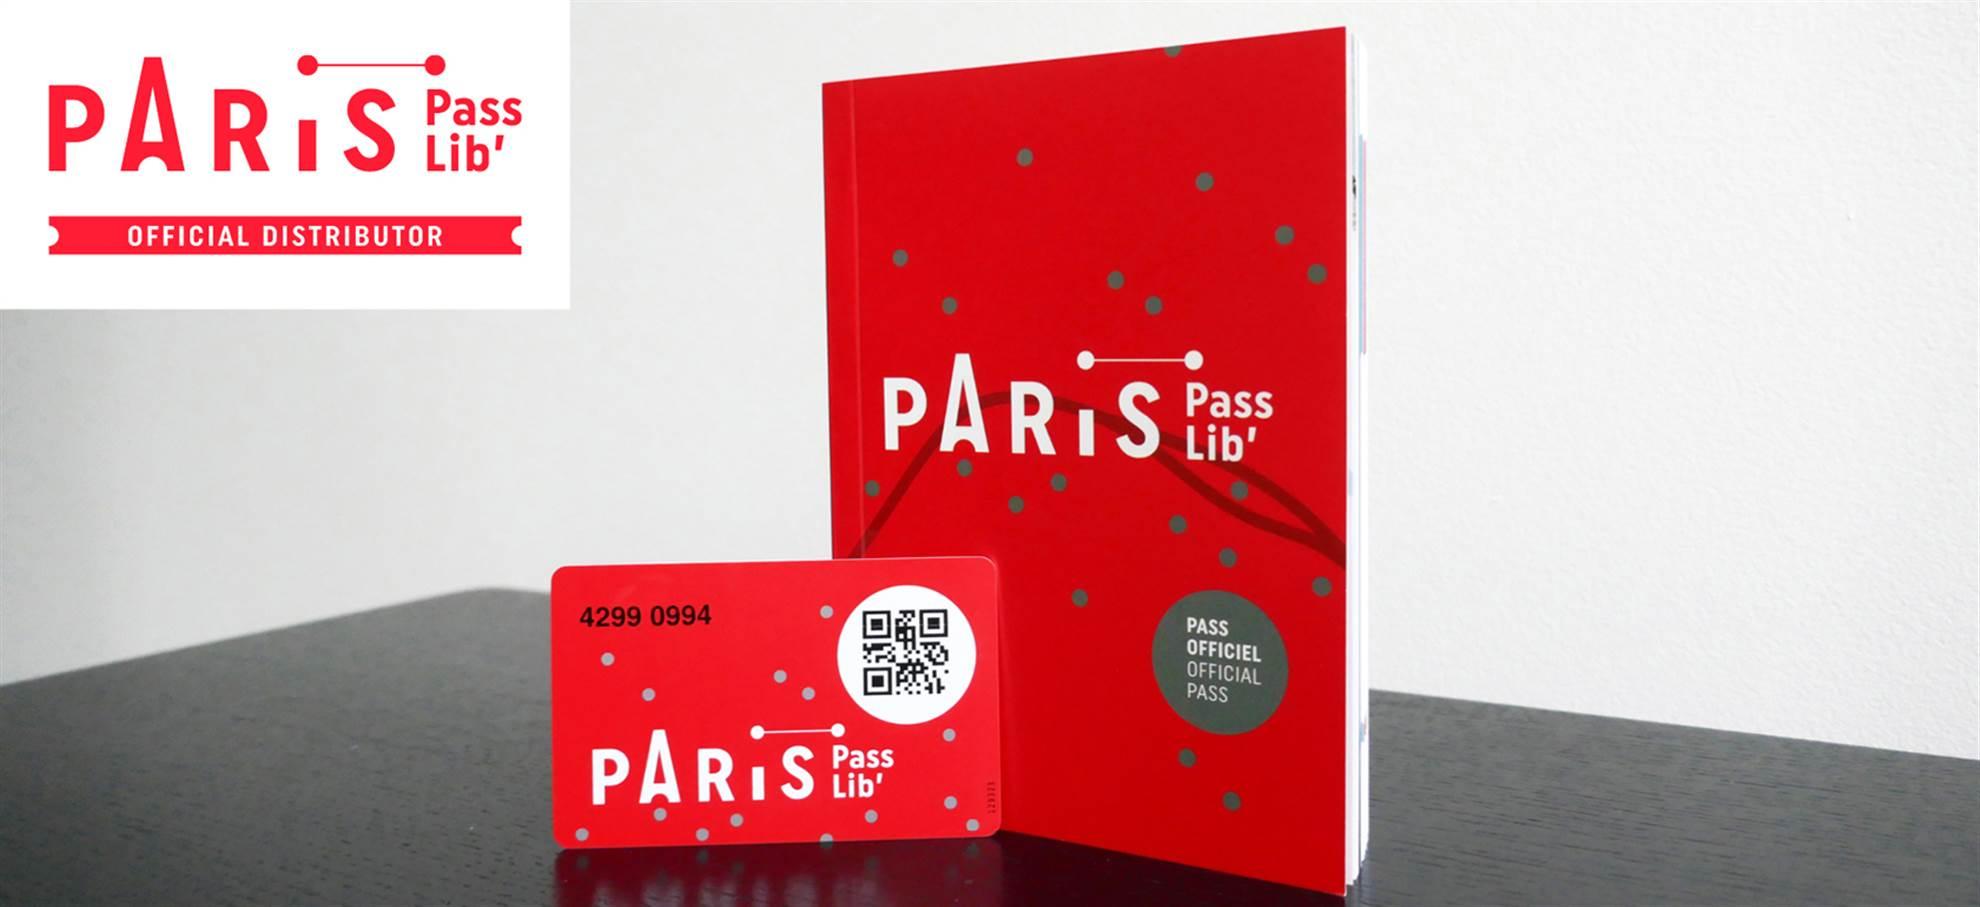 巴黎城市护照 (Paris PassLib')